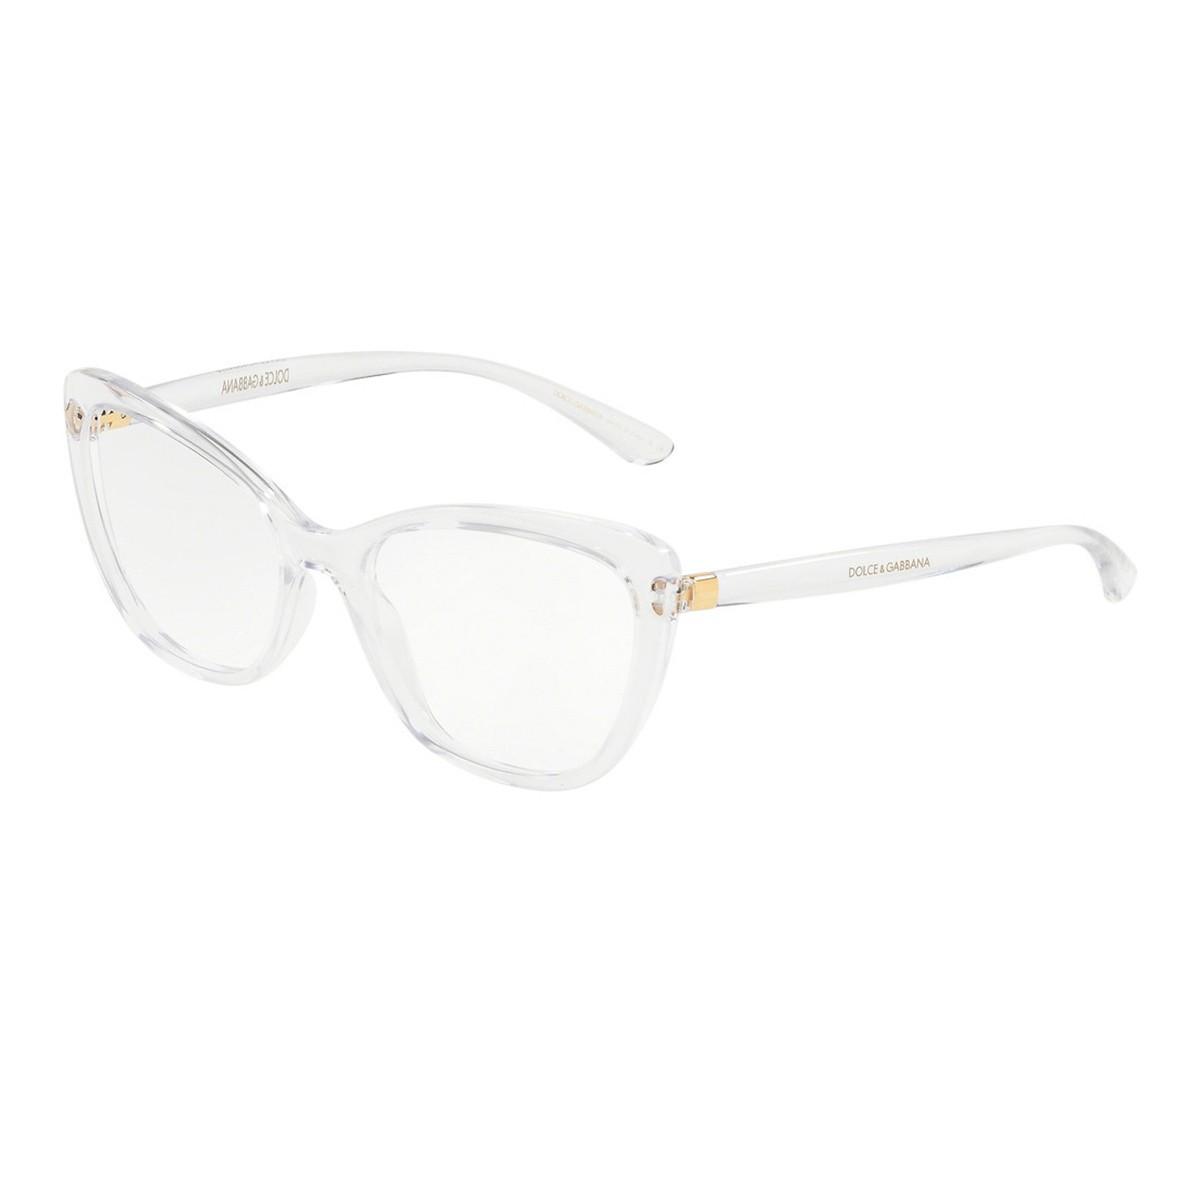 Dolce & Gabbana DG 5039 | Occhiali da vista Donna